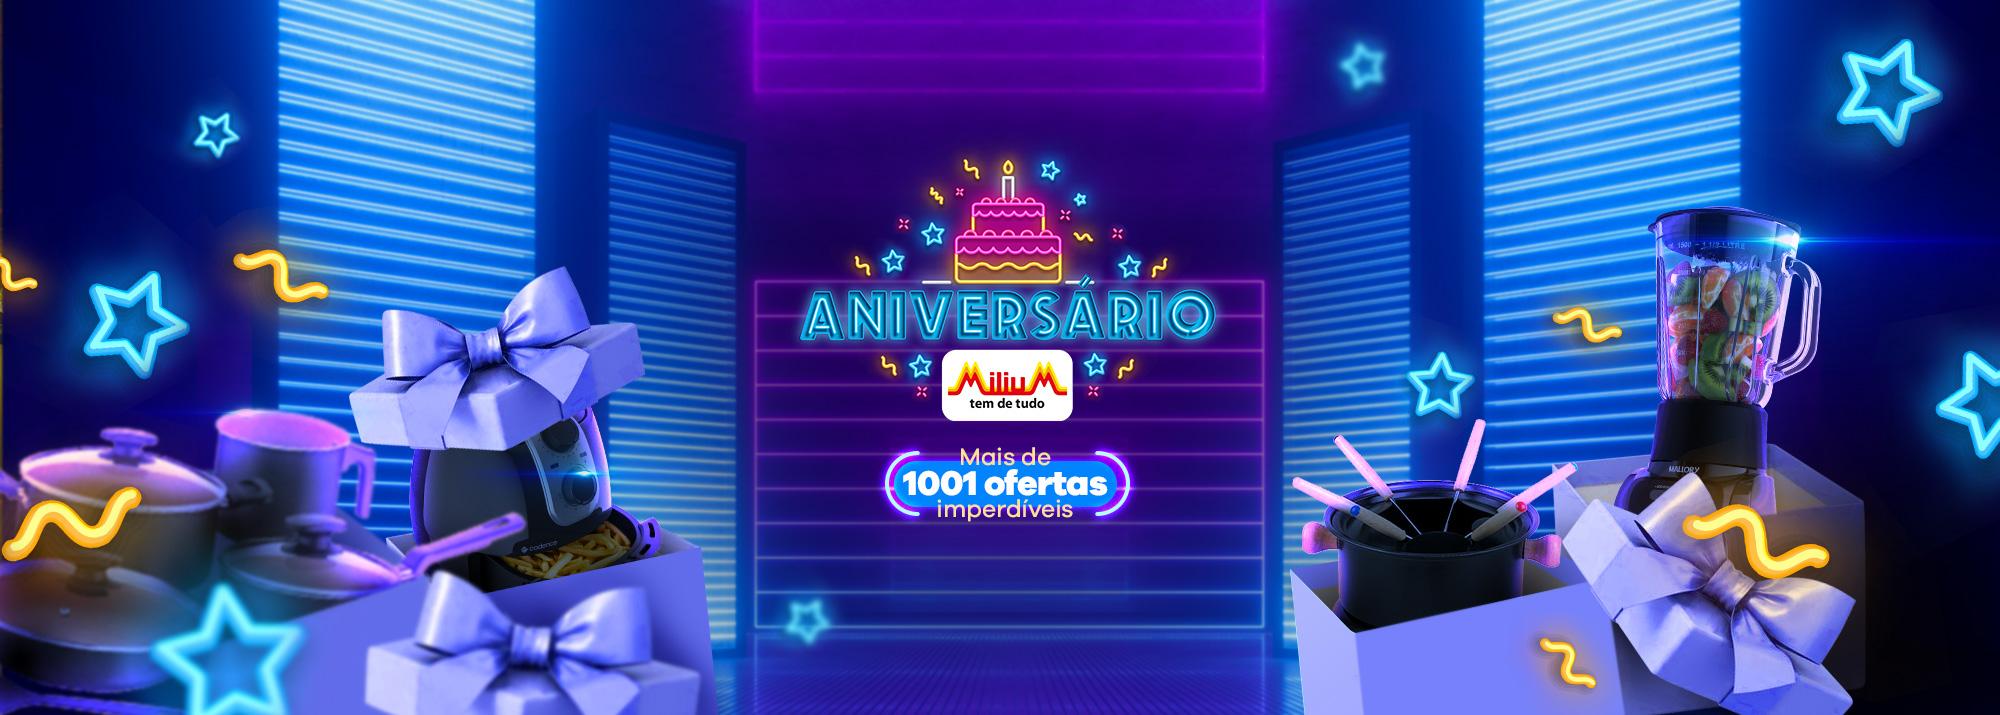 Aniversário Milium: mais de 1001 ofertas imperdíveis para você!